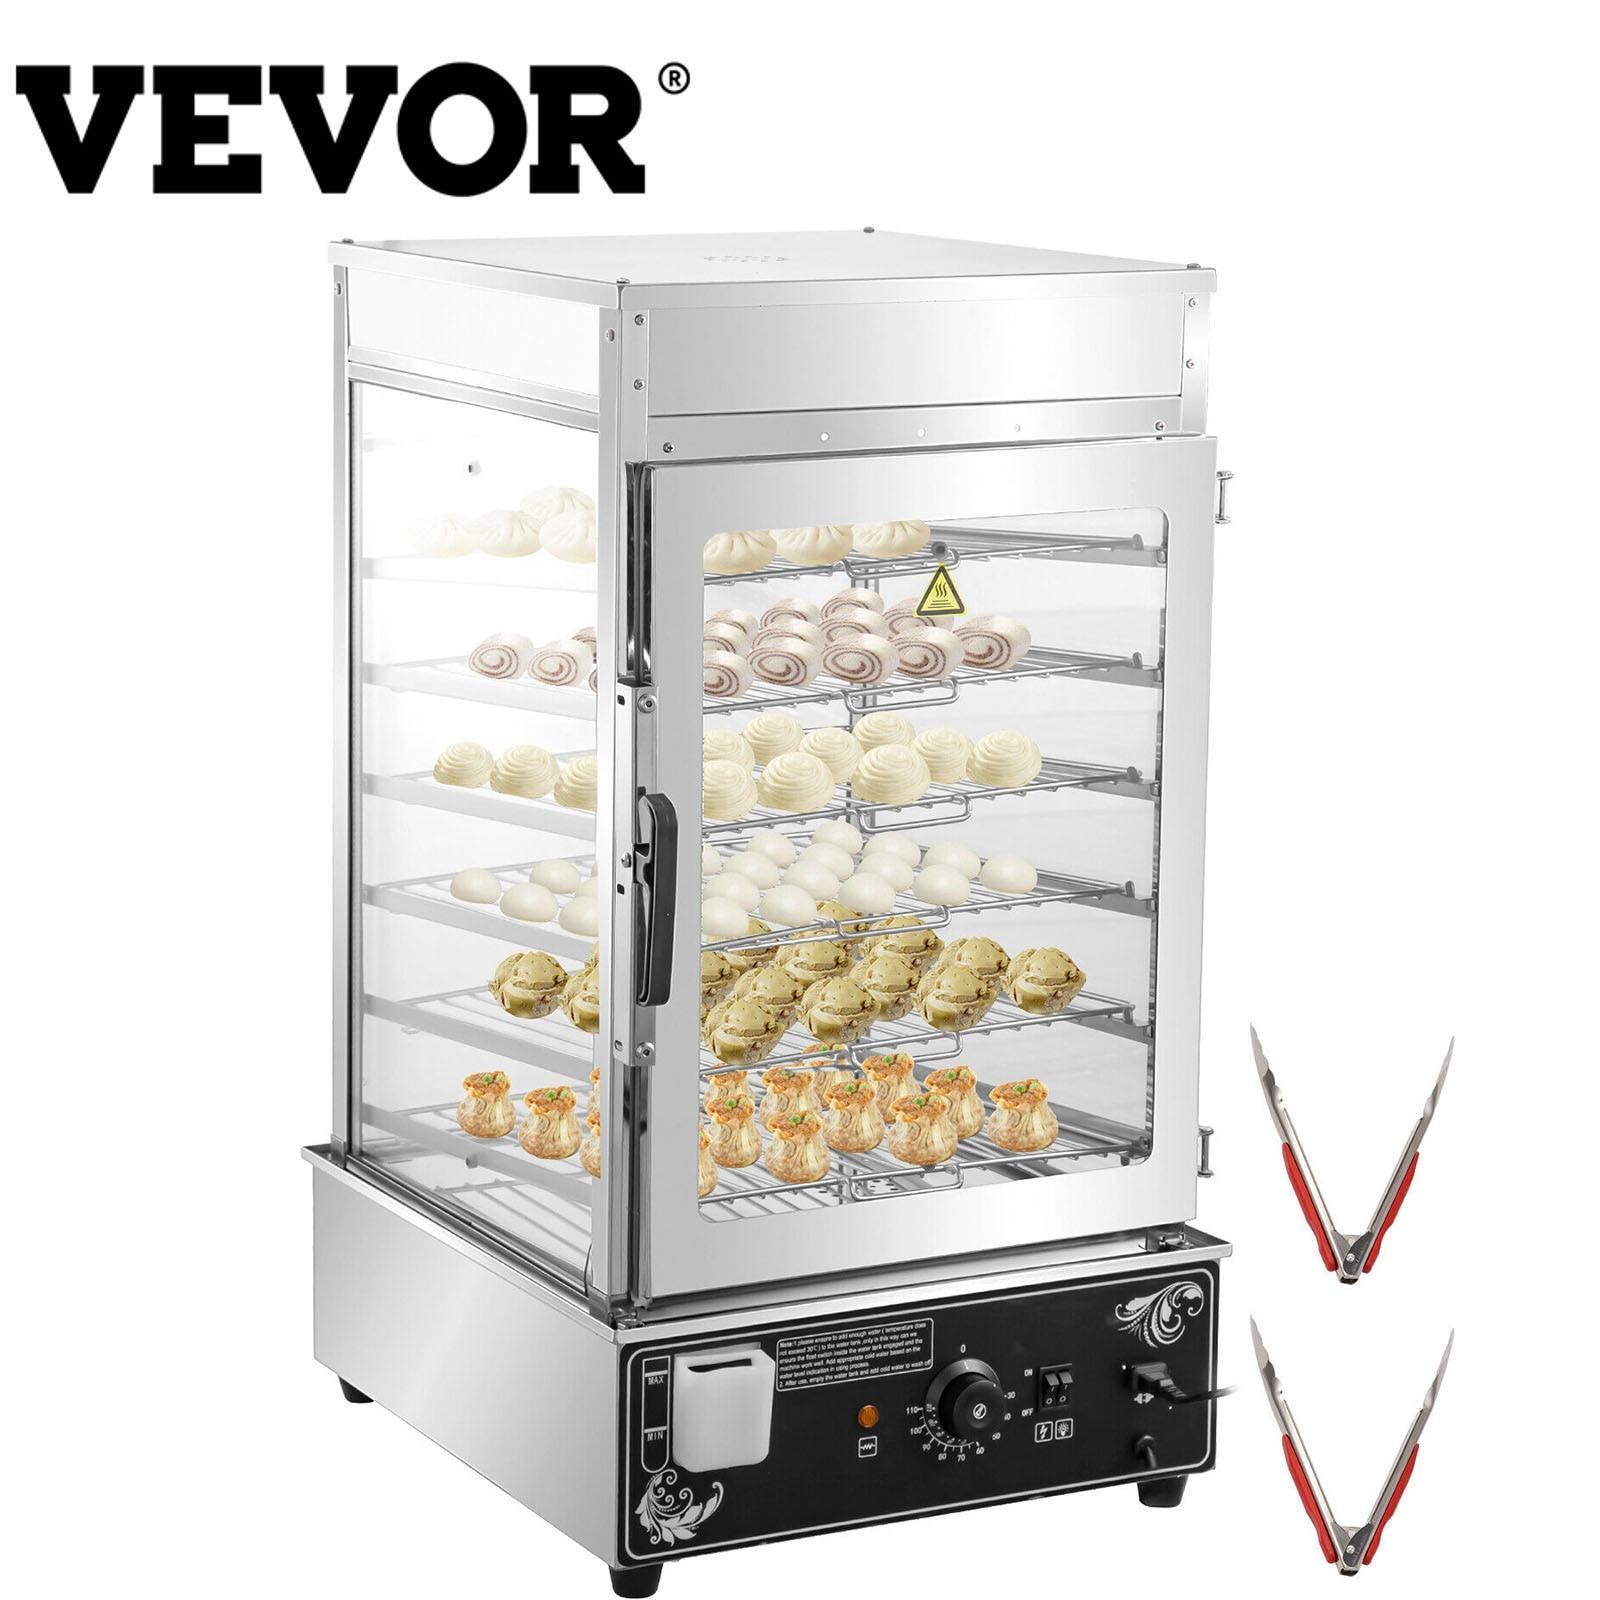 VEVOR 5/6-Layer الكهربائية كعكة باخرة دفئا CE المعتمدة الغذاء الصف الفولاذ المقاوم للصدأ مع التحكم في درجة الحرارة الخبز الاستخدام التجاري